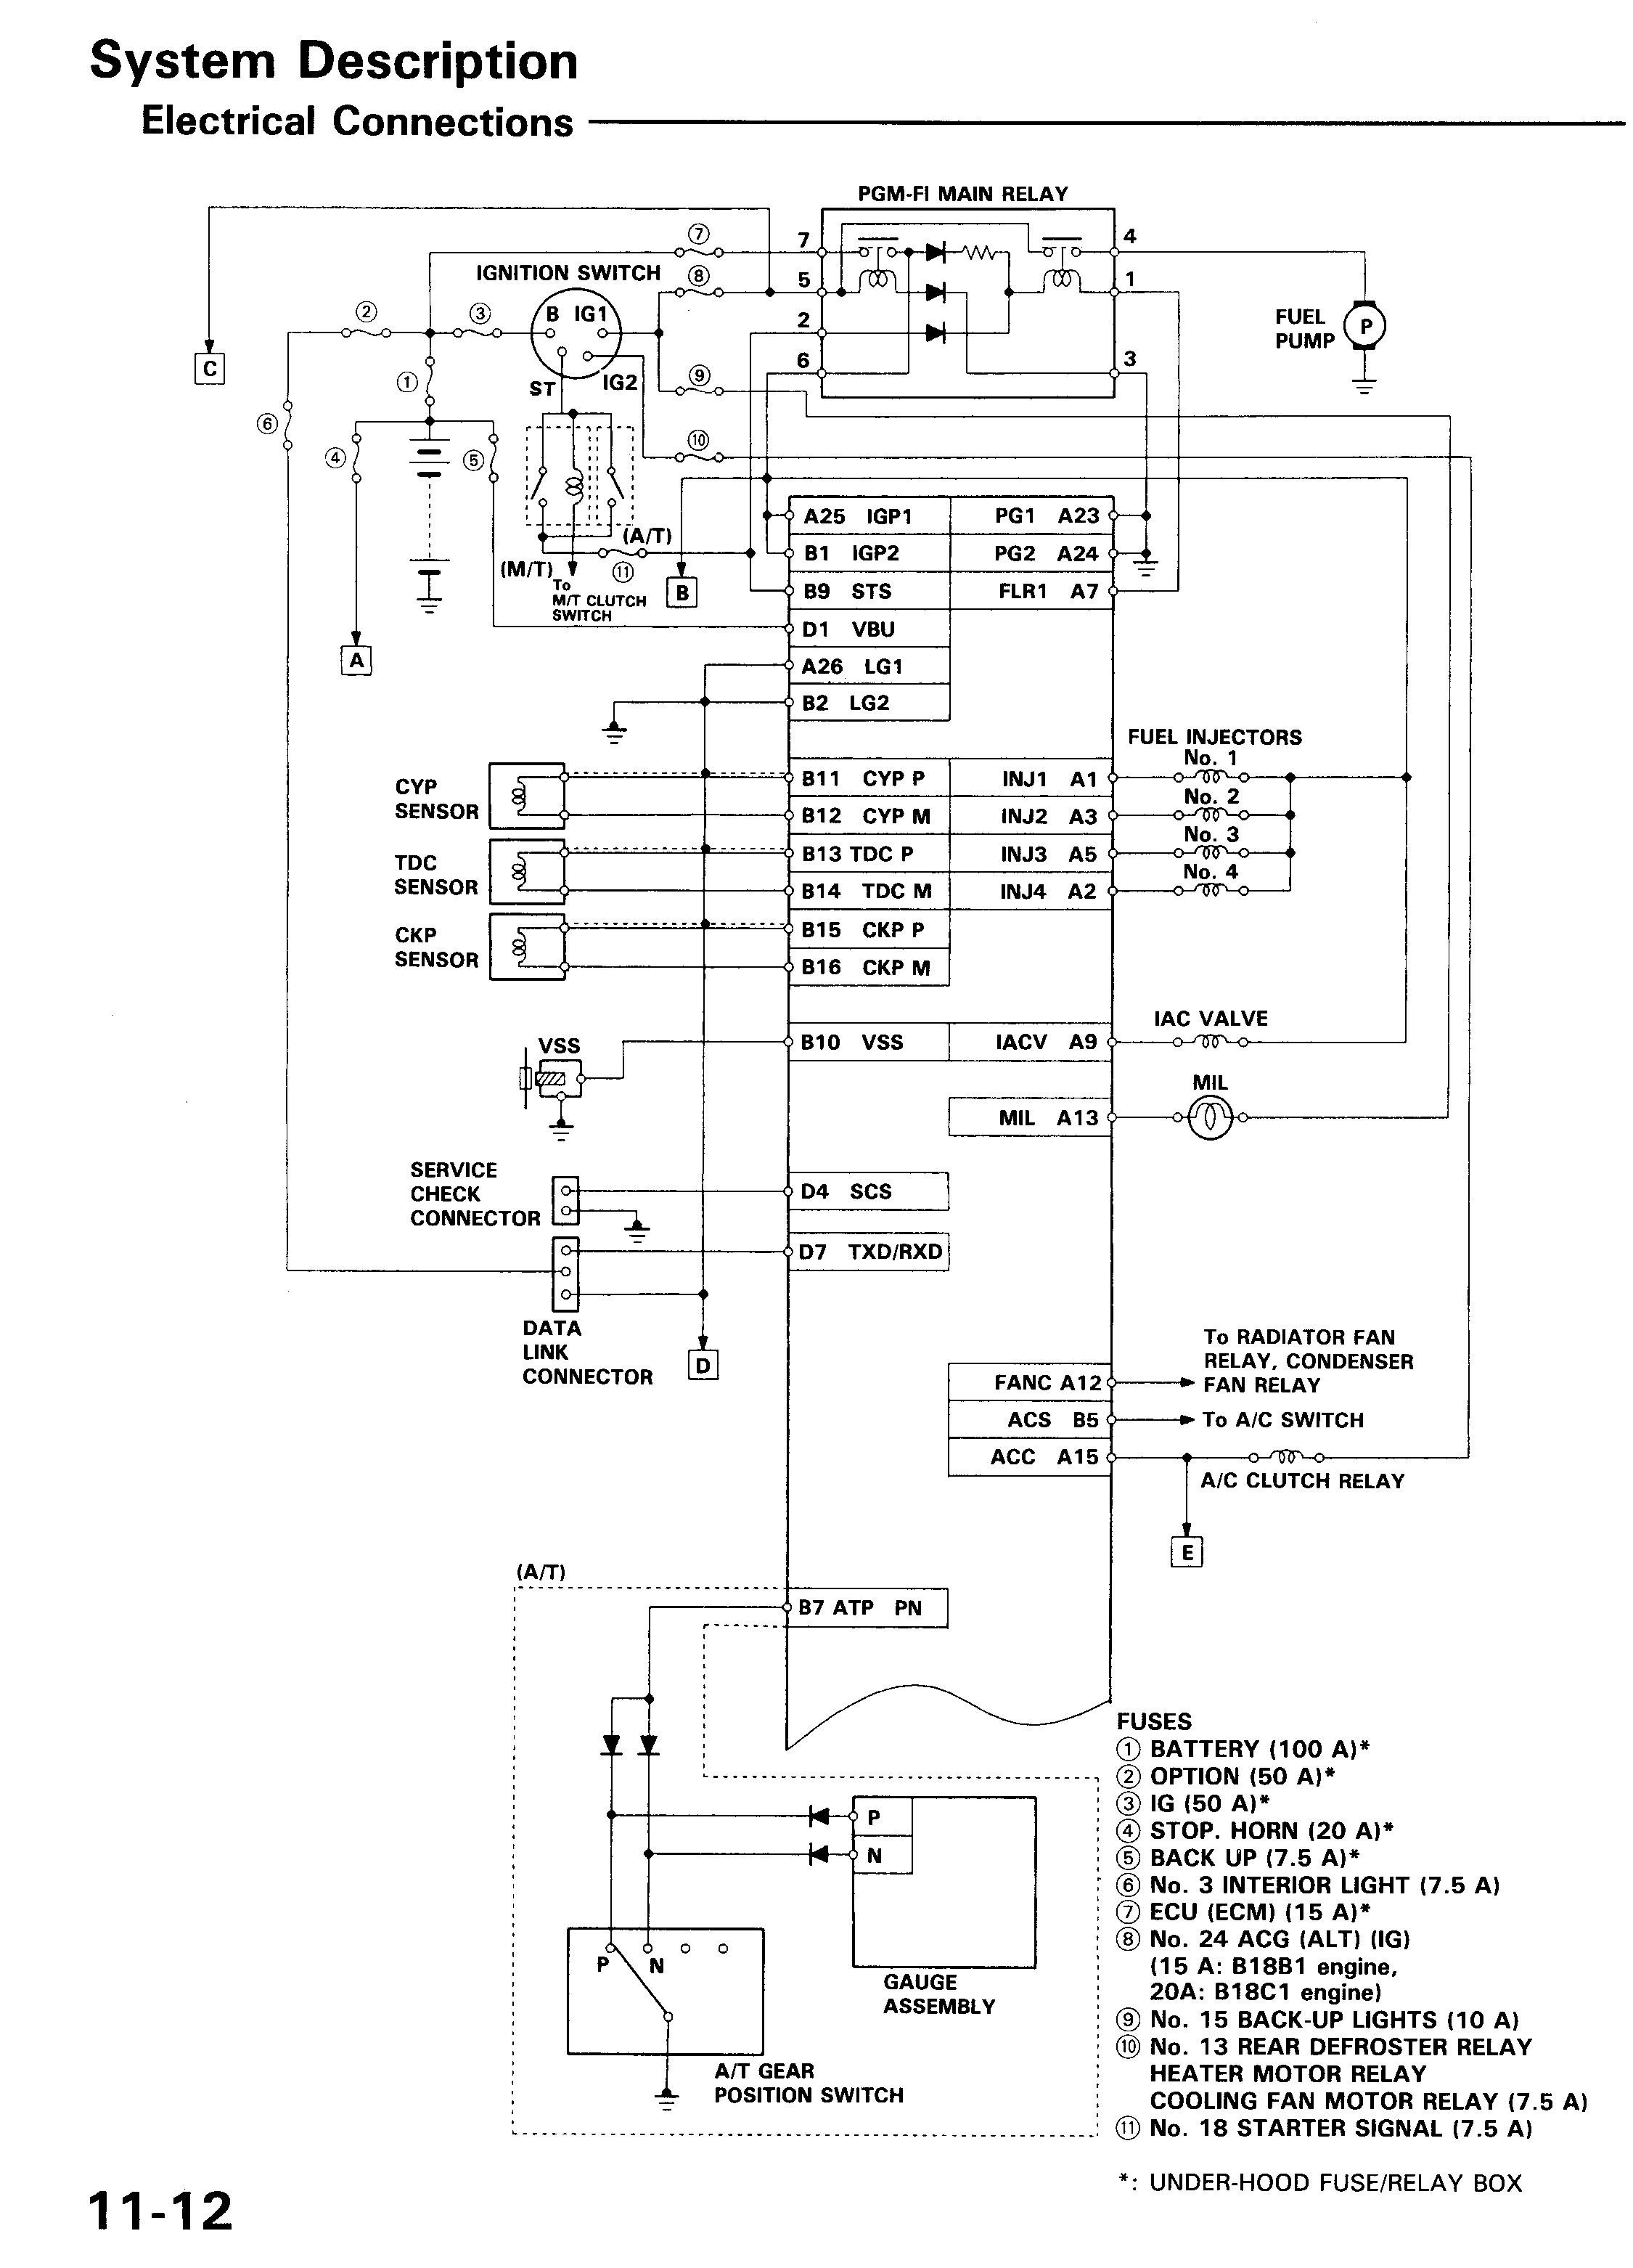 honda cb 900 wiring diagram on 2001 honda accord wiring diagram 12  honda cb 900 wiring diagram on 2001 honda accord wiring diagram 12 rh boomerneur co